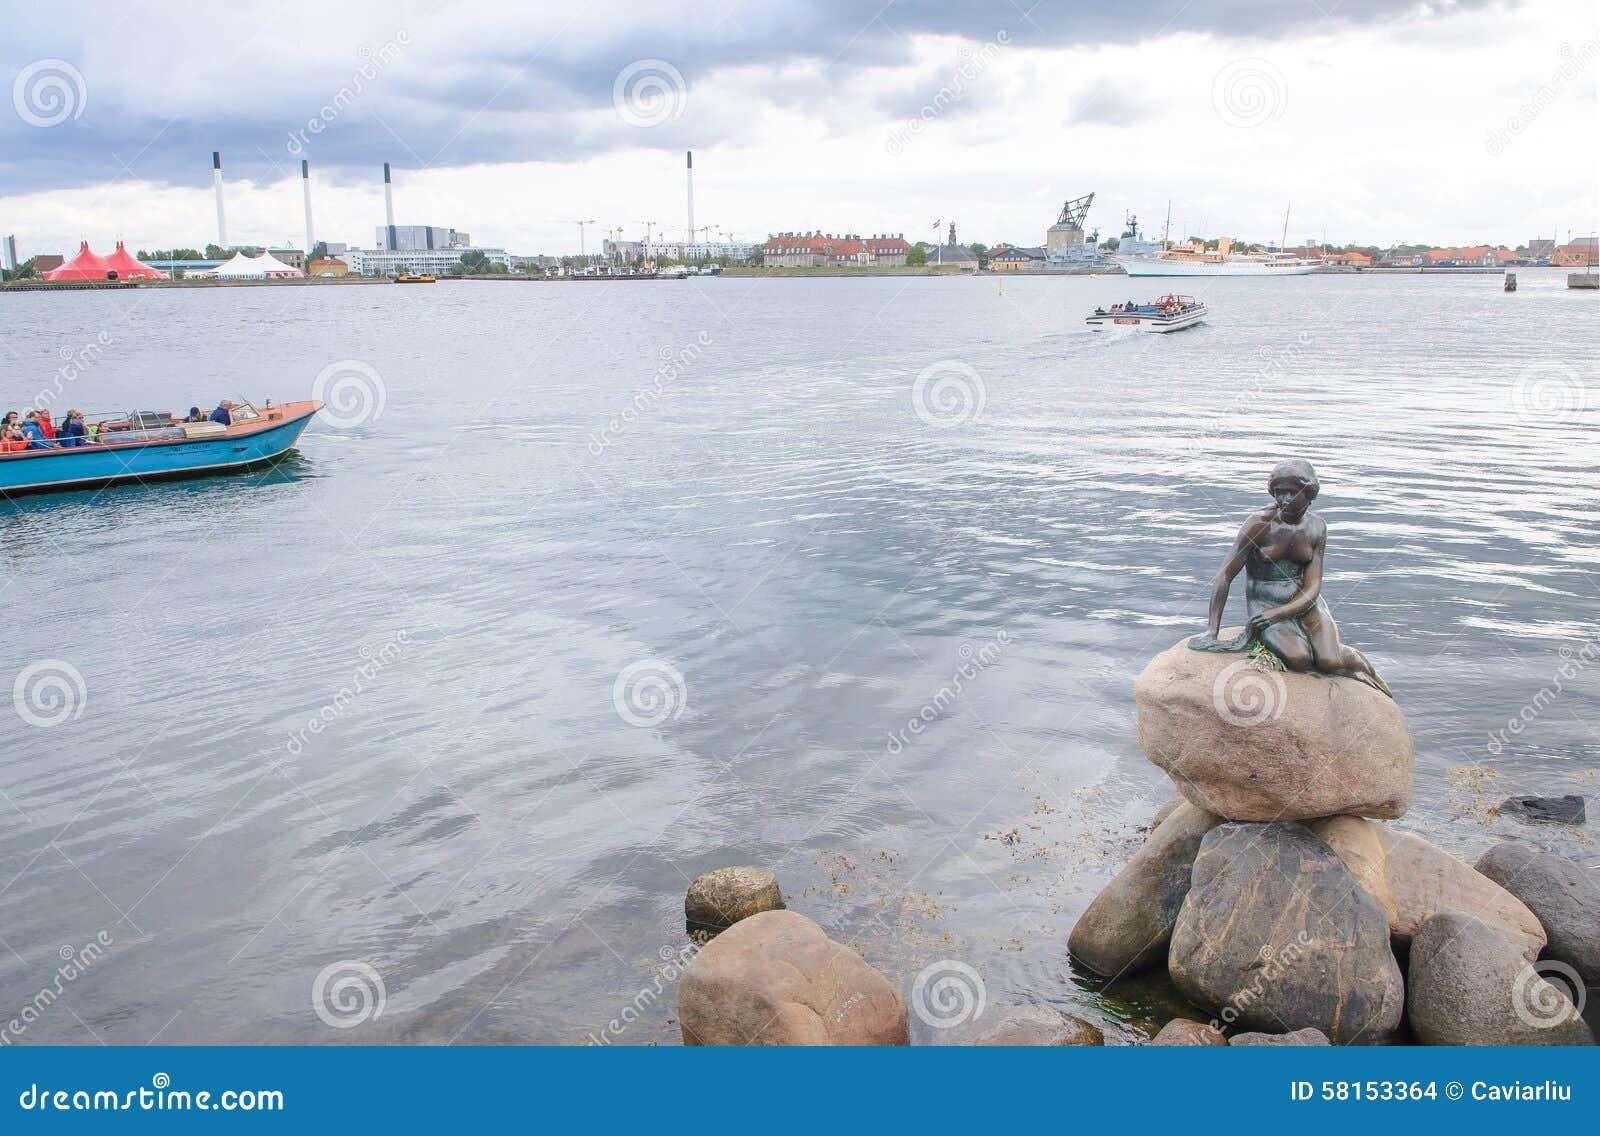 Copenhague, Dinamarca - 25 de agosto de 2014 - el monumento de la estatua del bronce de little mermaid de Edvard Eriksen Esto exh